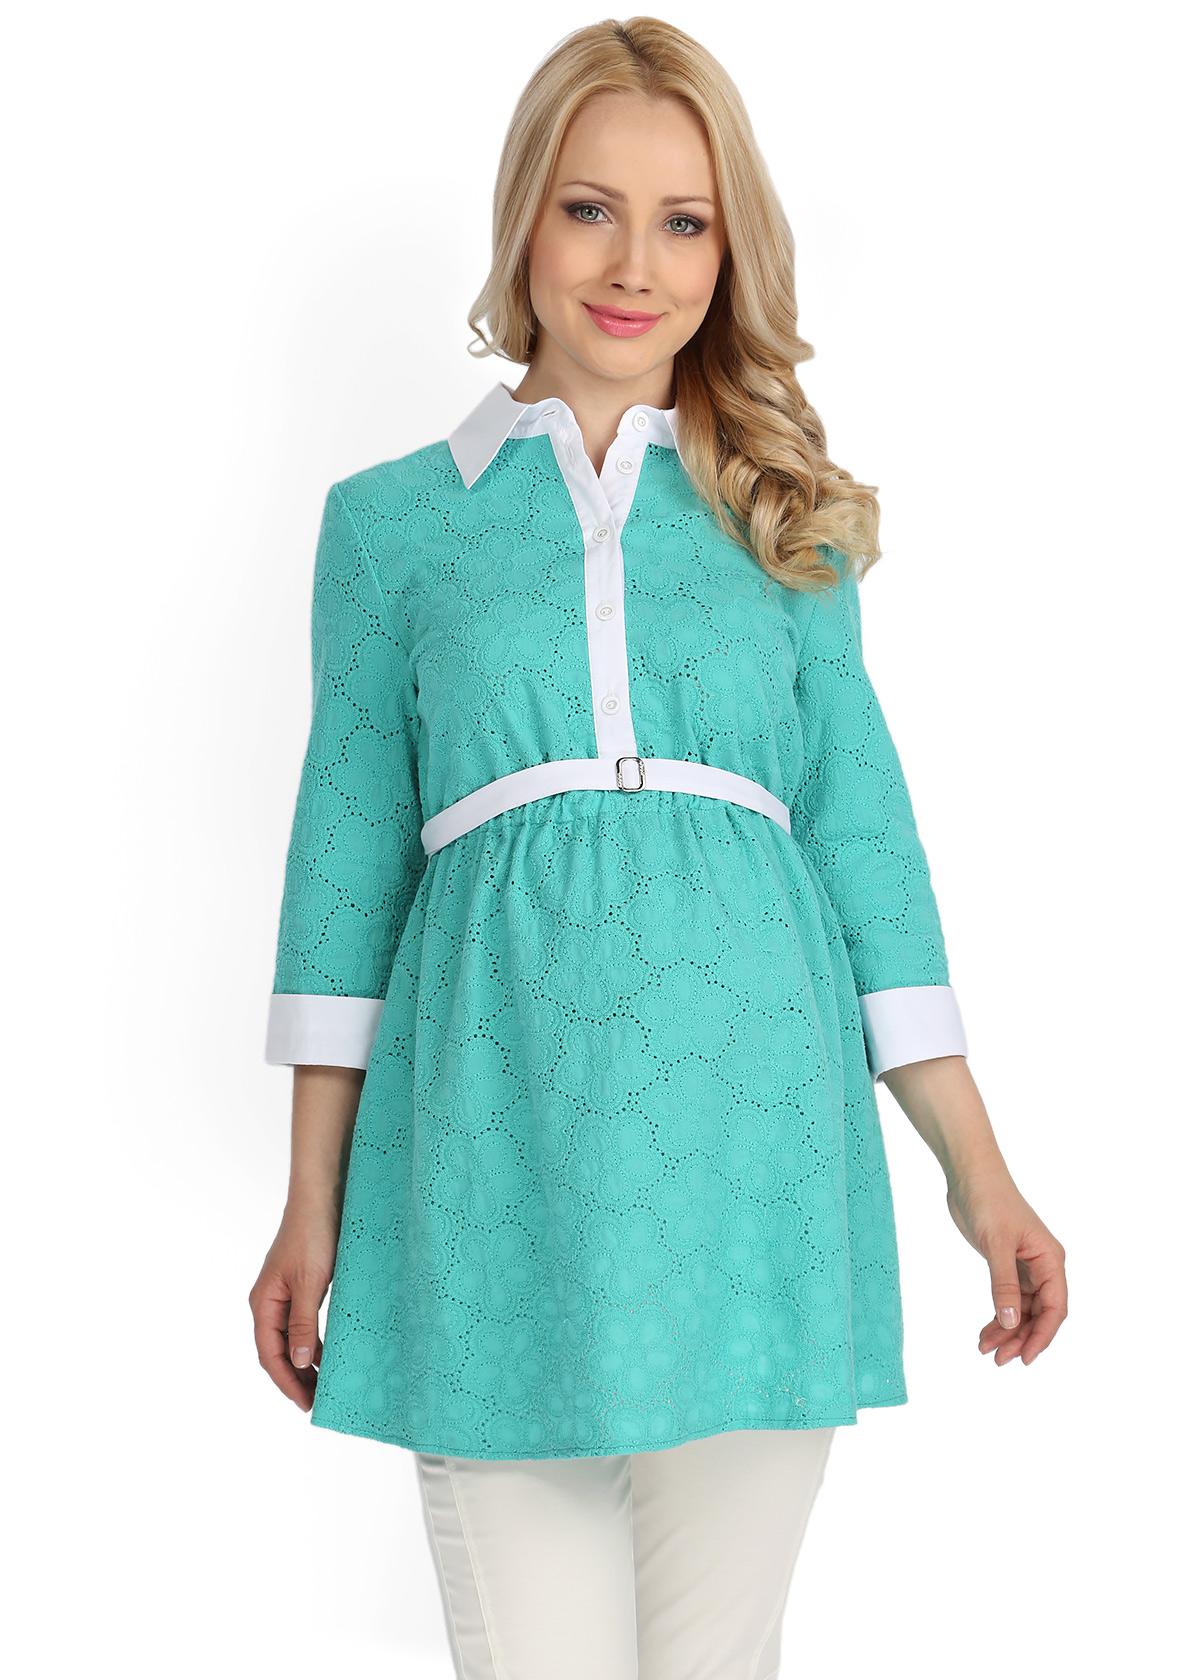 f639dadef146d Одежда для кормящих мам - FunnyMummy.ru - интернет-магазин